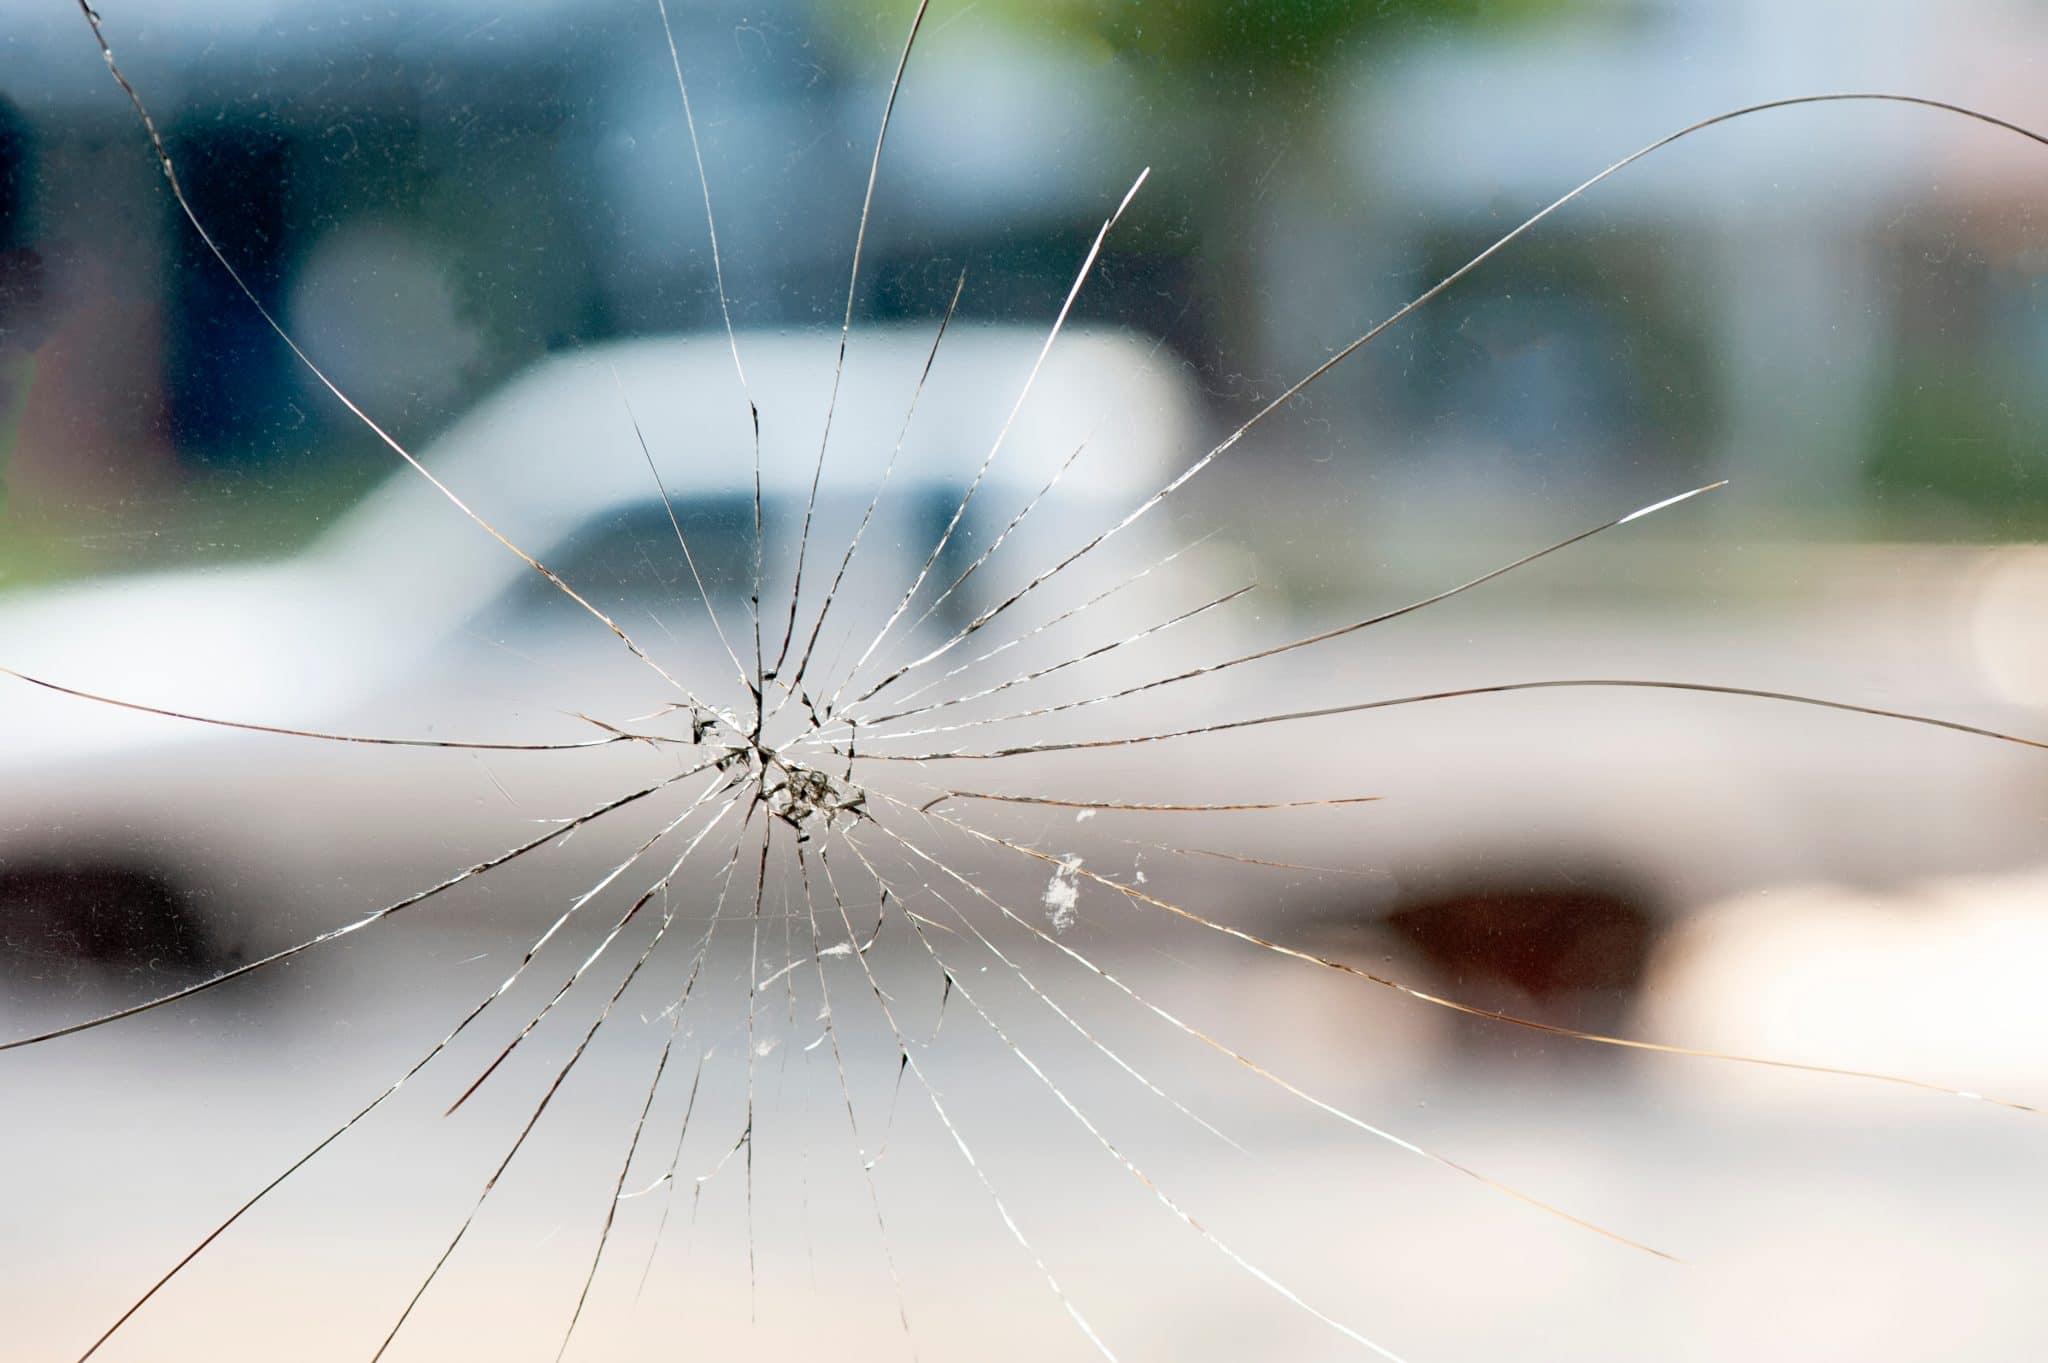 Qu'est-ce qui peut causer une fissure dans le pare-brise ?